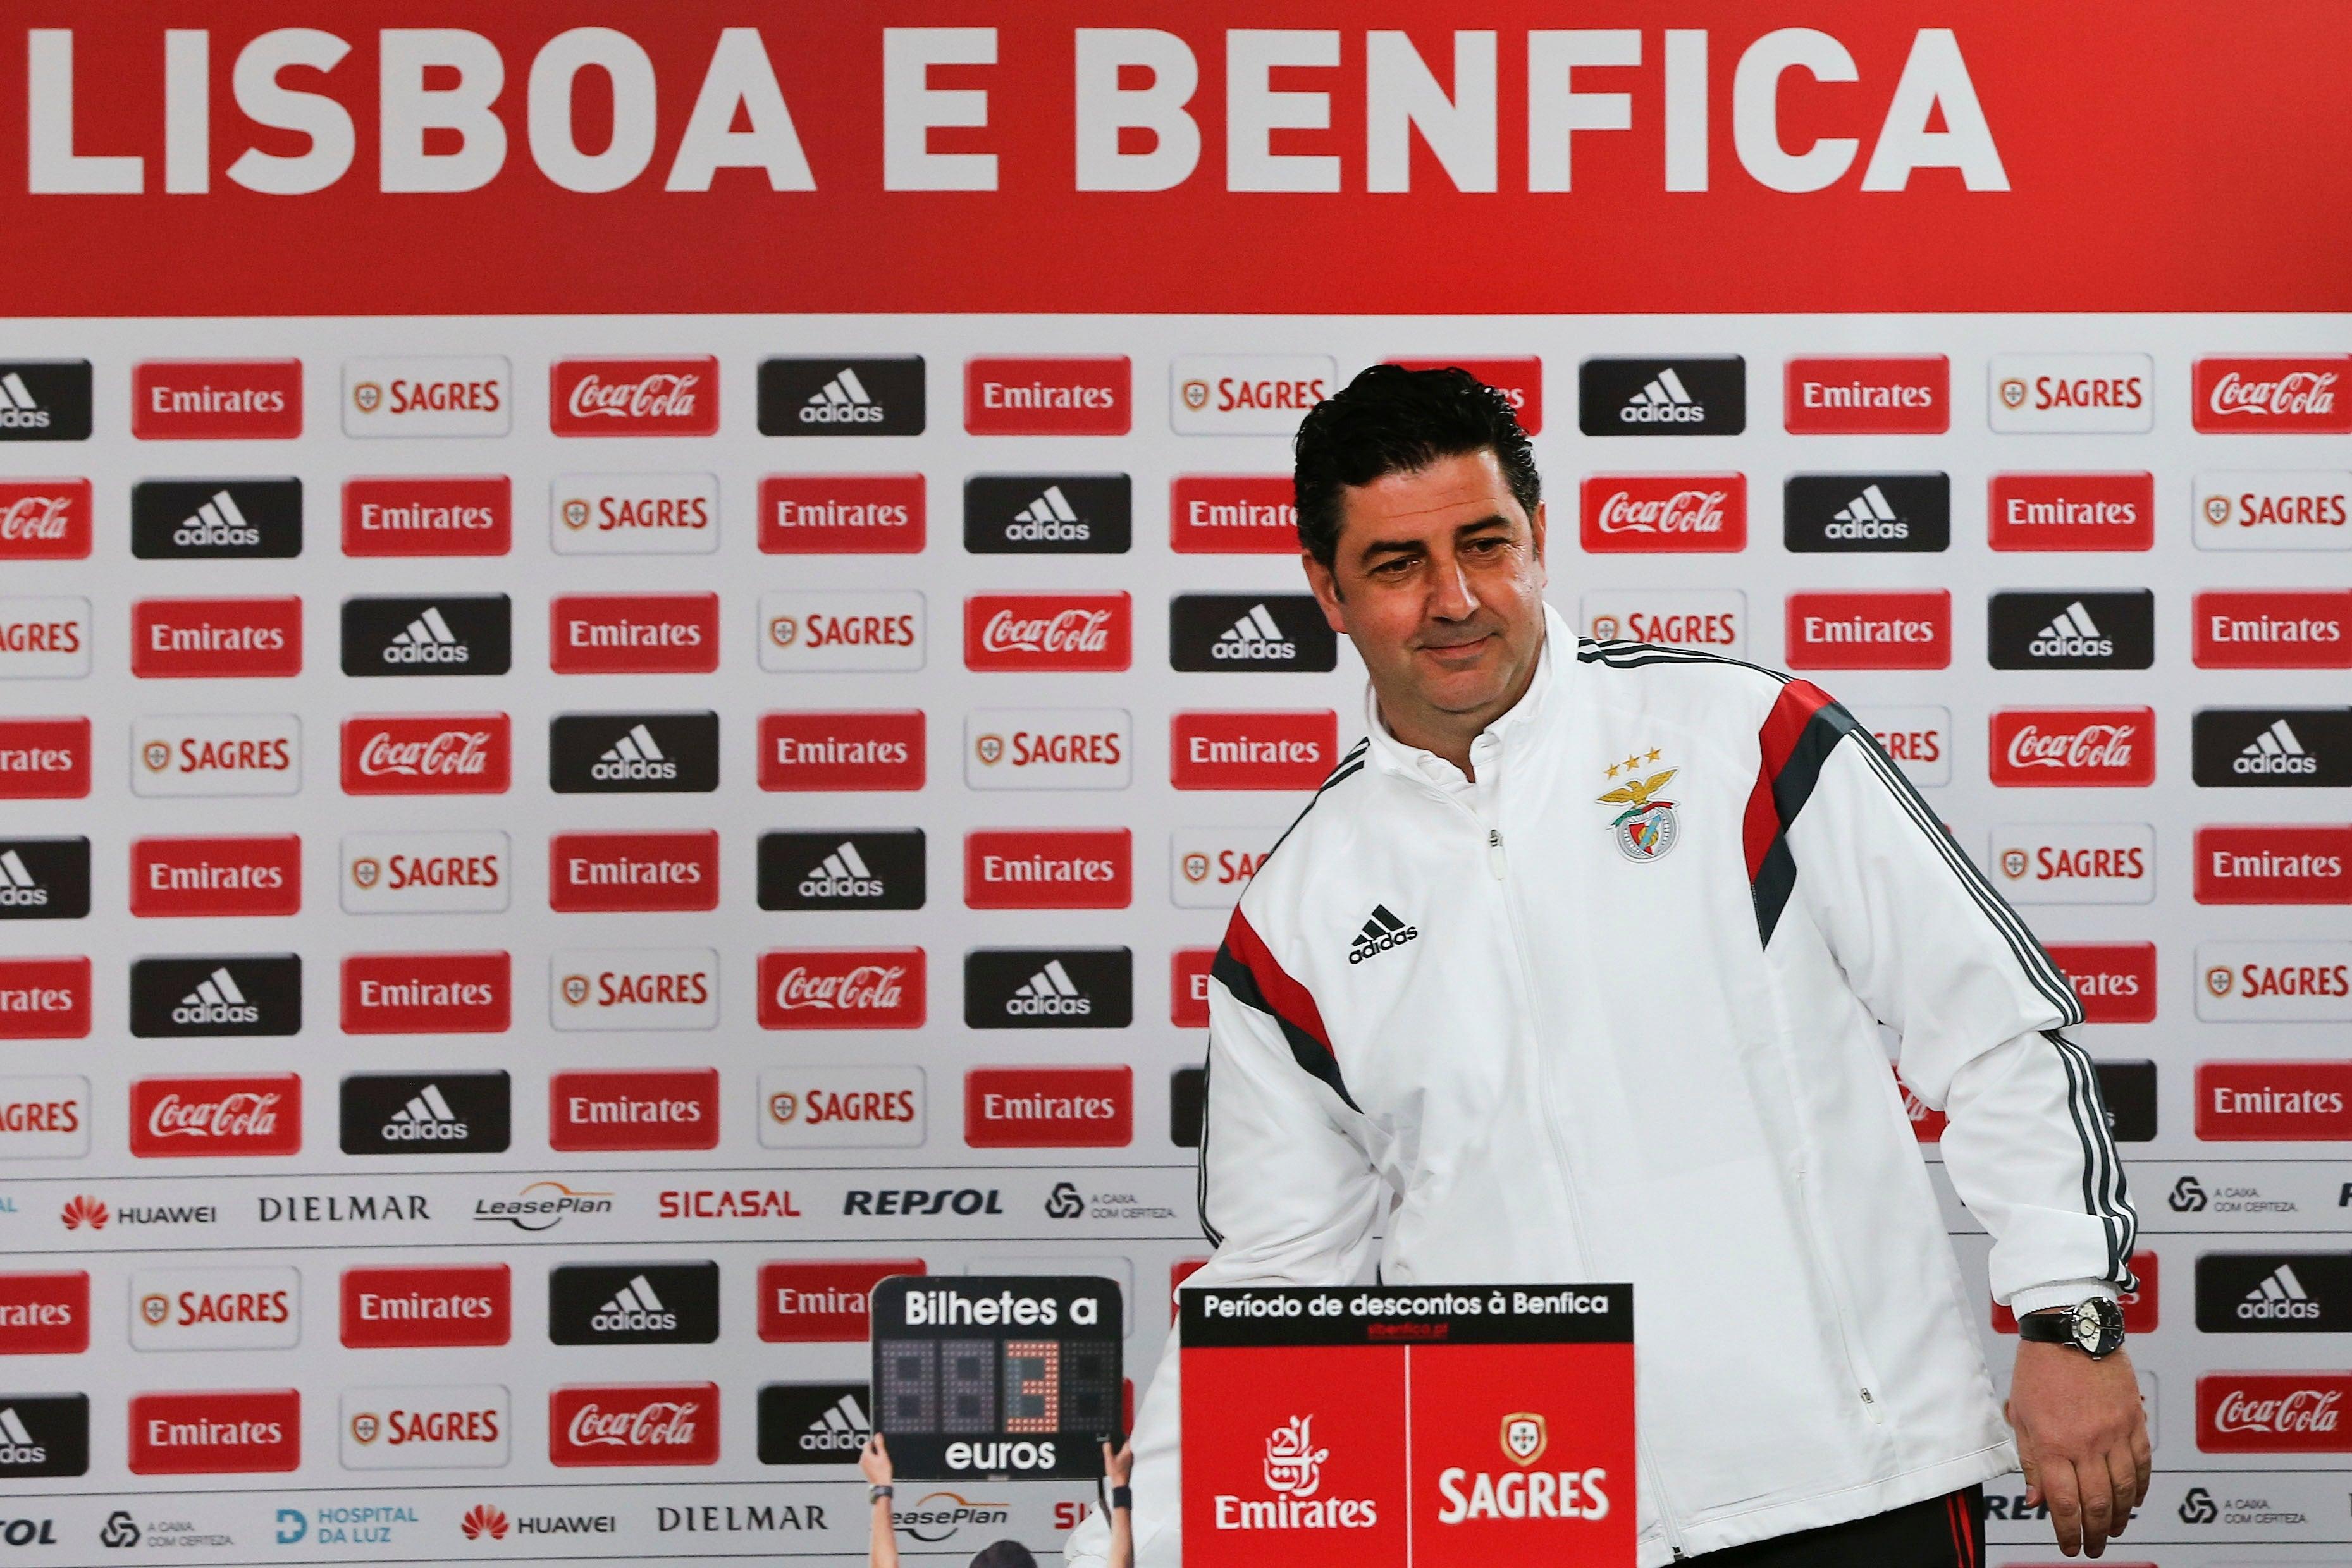 Rui Vitória mantém-se no Benfica pelo menos até 2021